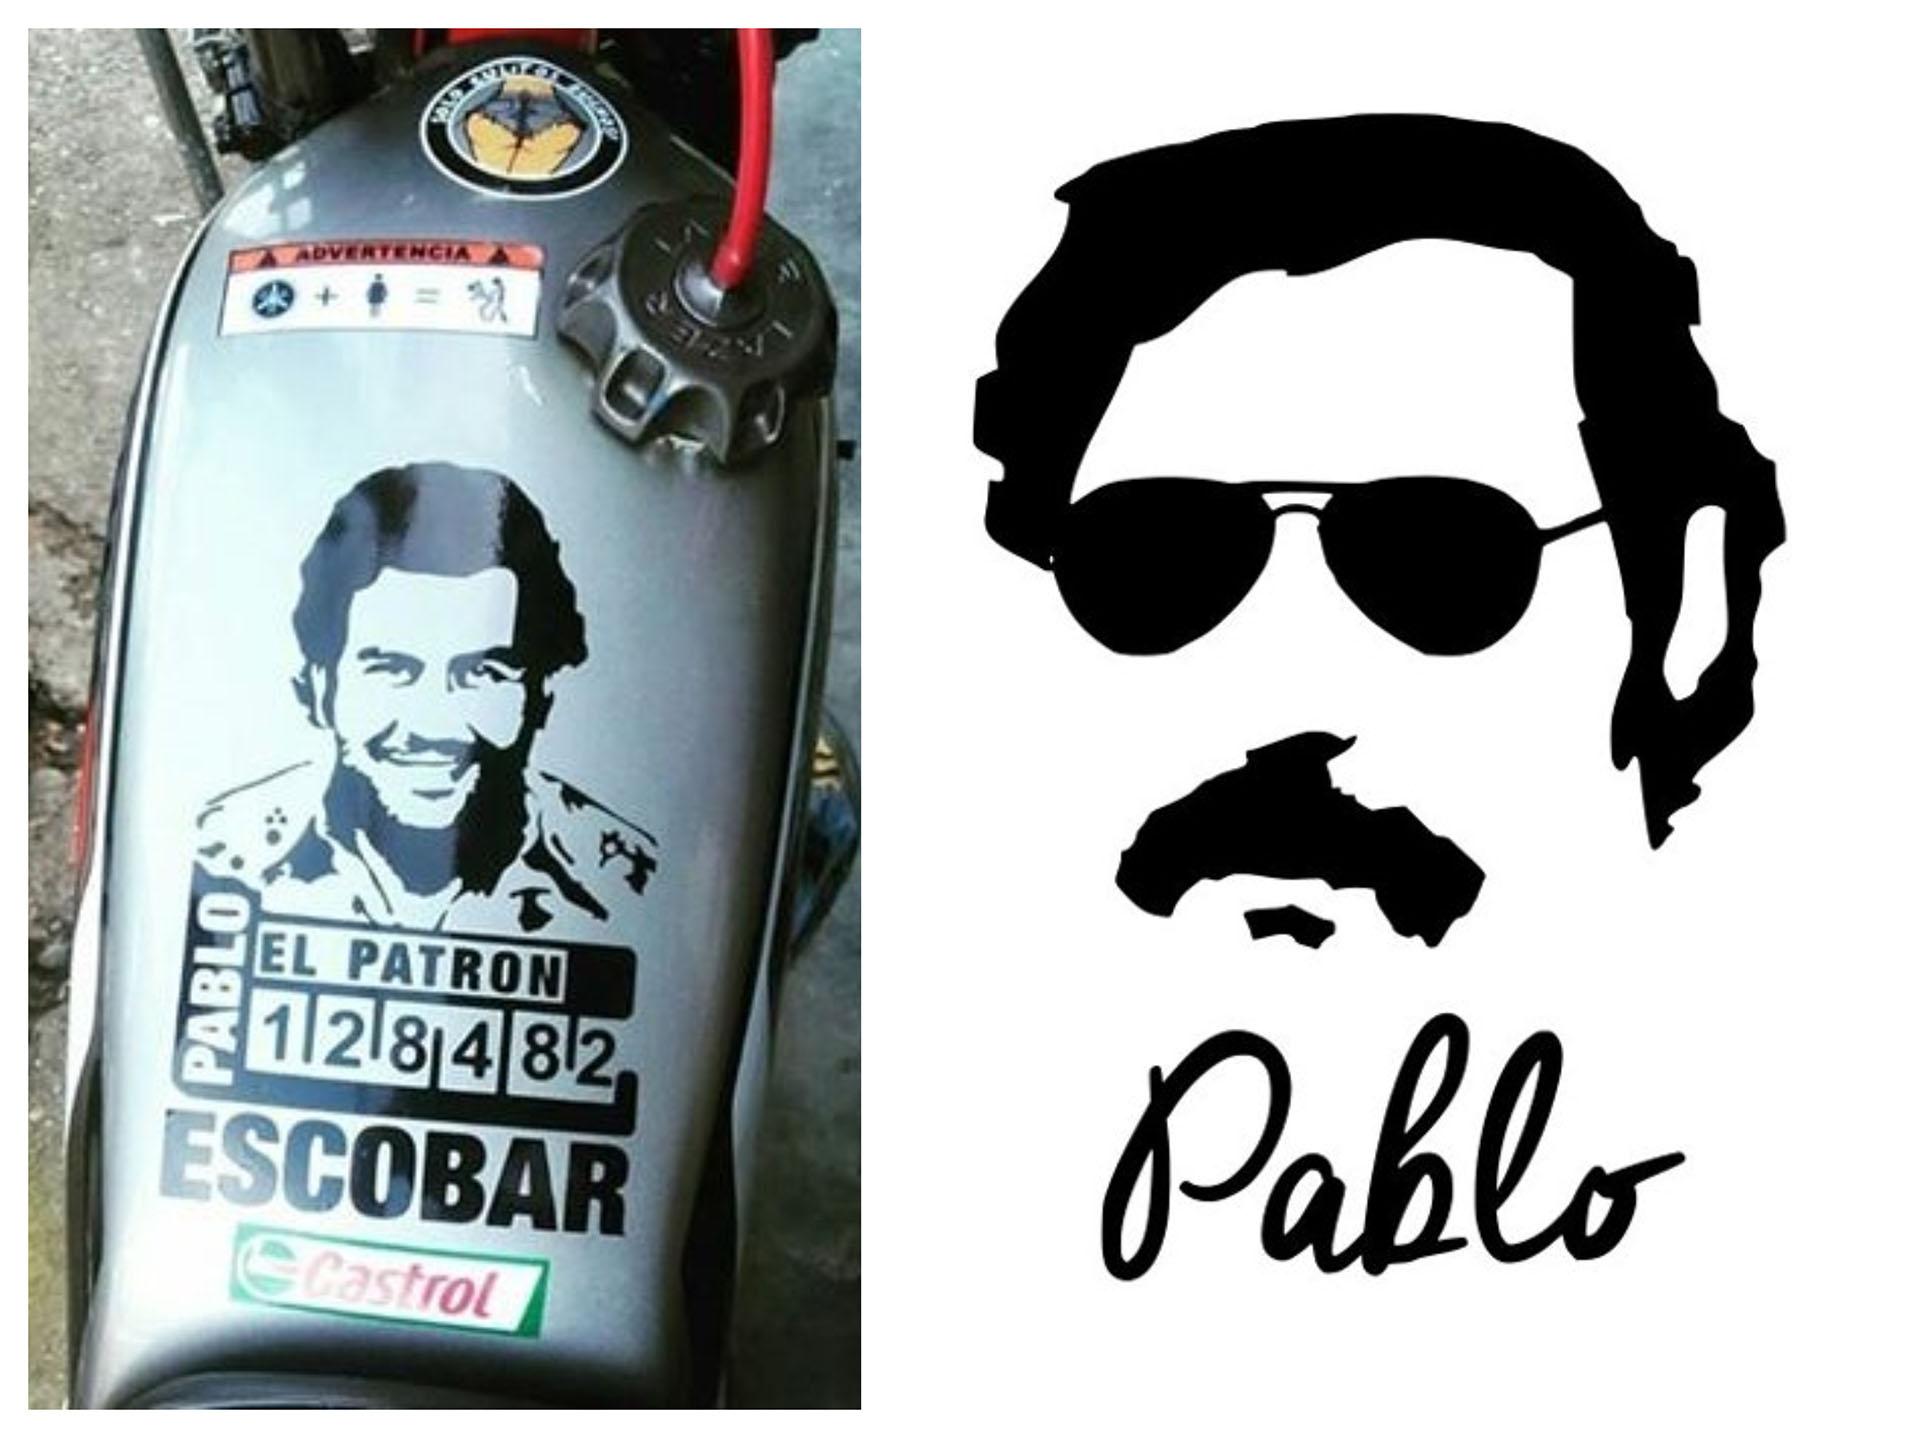 Es una moda entre algunos practicantes del Stunt usar calcomanías de Pablo Escobar en sus motos.